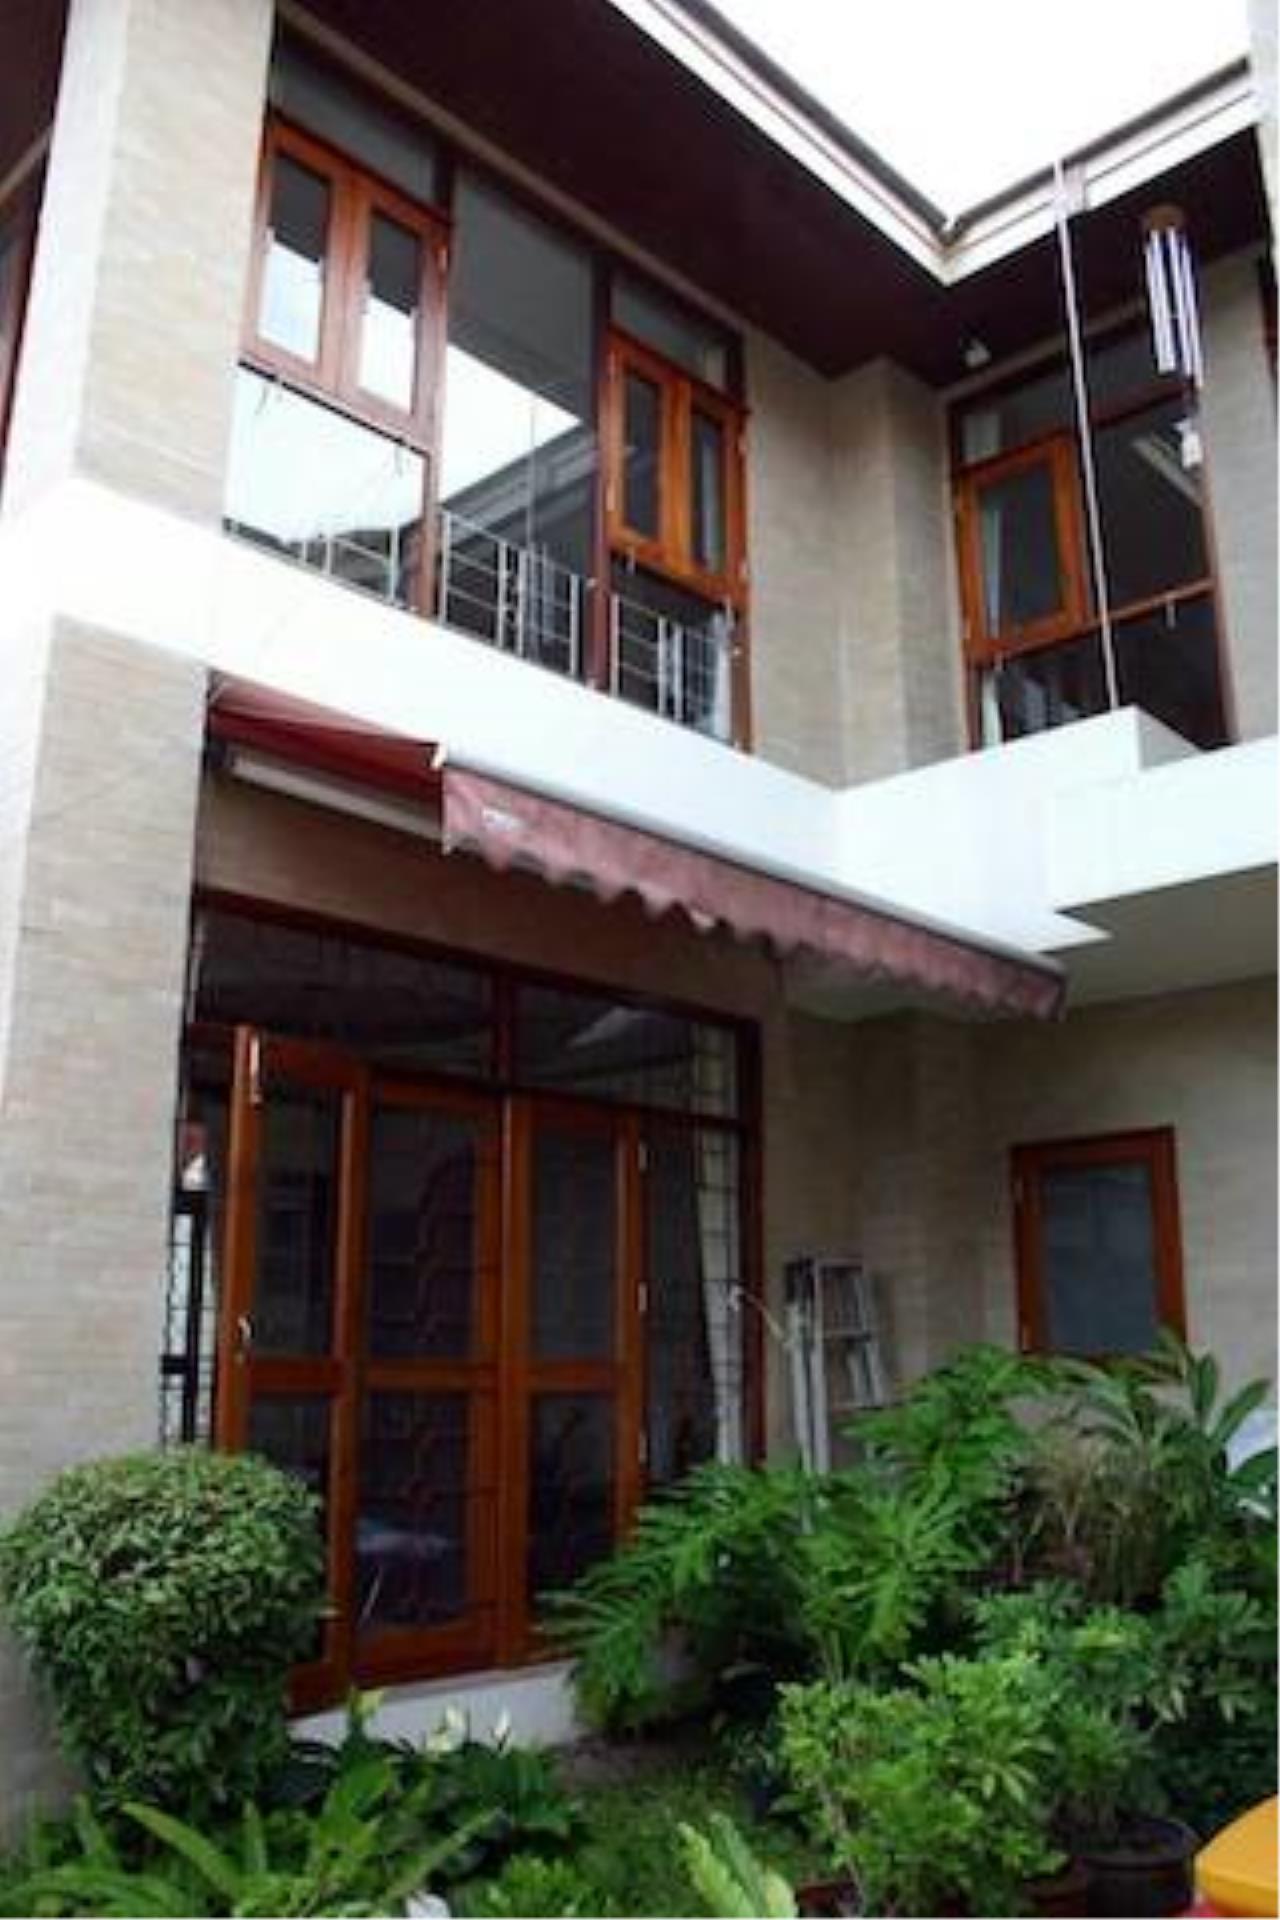 ขาย บ้าน แขวงบวรนิเวศ เขตพระนคร กรุงเทพมหานคร, ภาพที่ 5